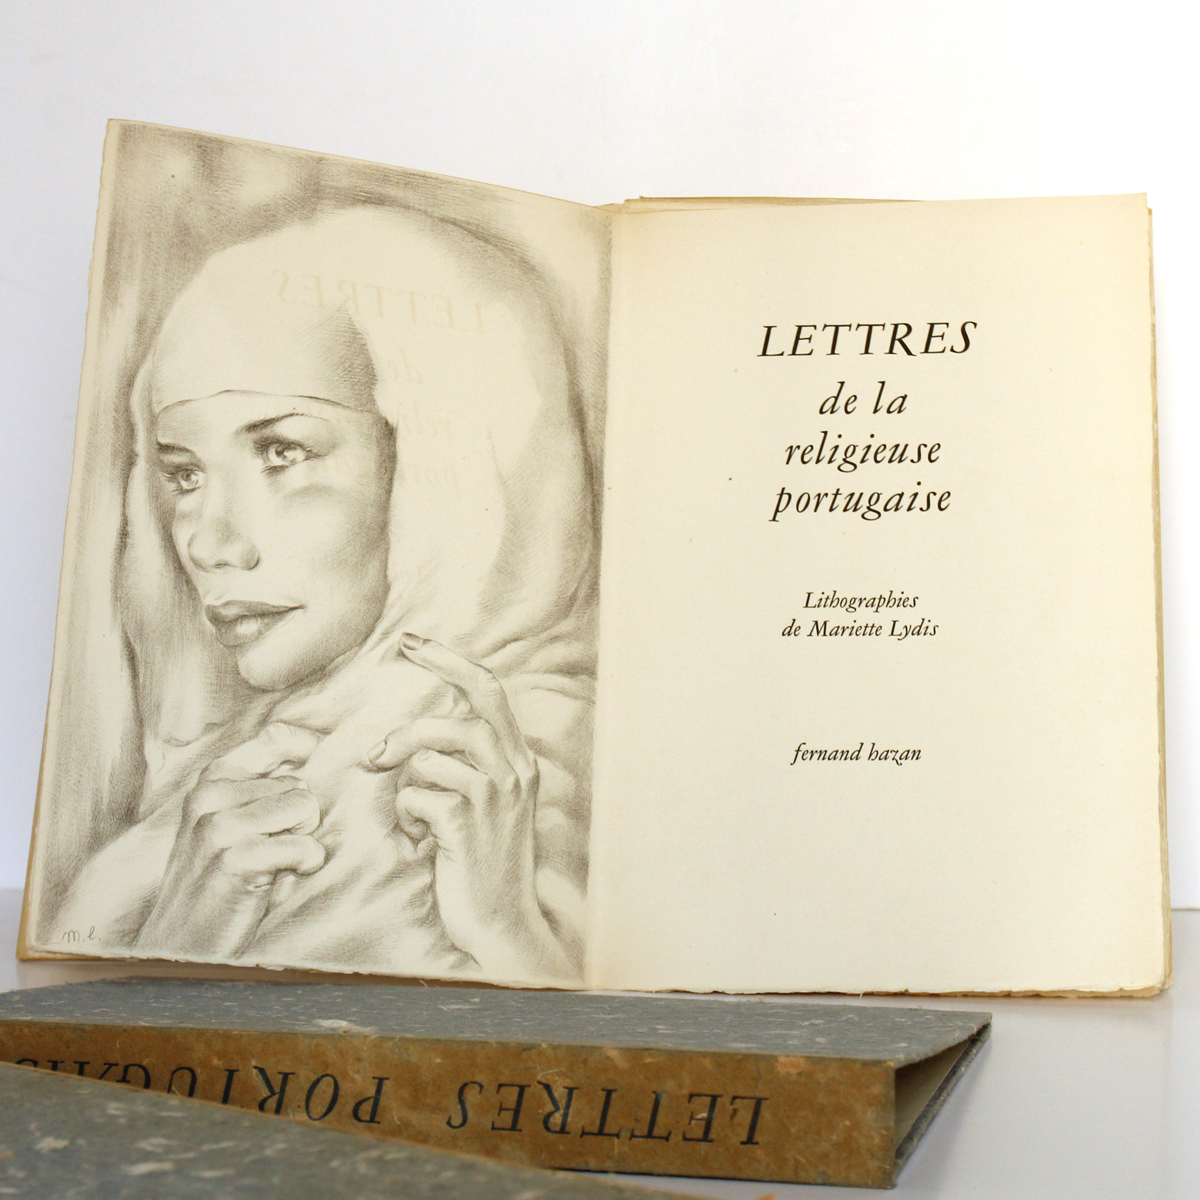 Lettres de la religieuse portugaise, lithographies de Mariette LYDIS. Fernand Hazan, 1947. Frontispice et page titre.